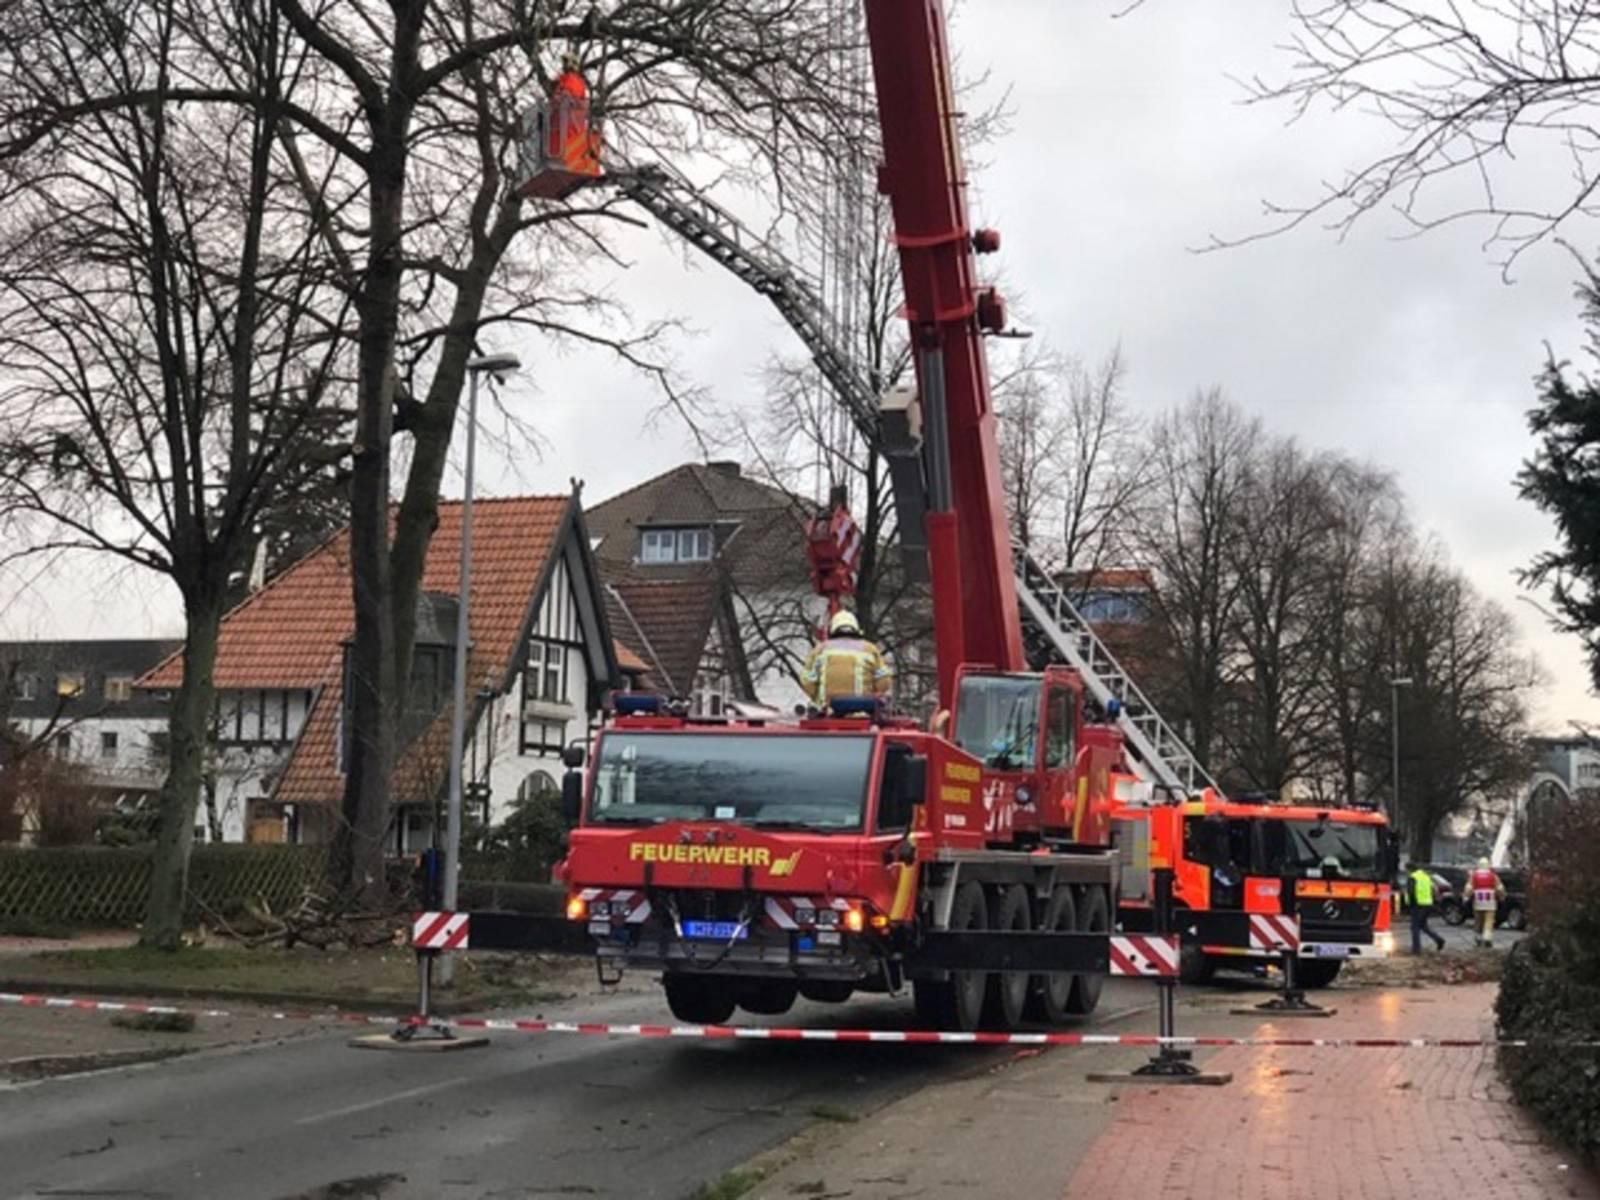 Feuerwehrwagen bei Unwettereinsatz